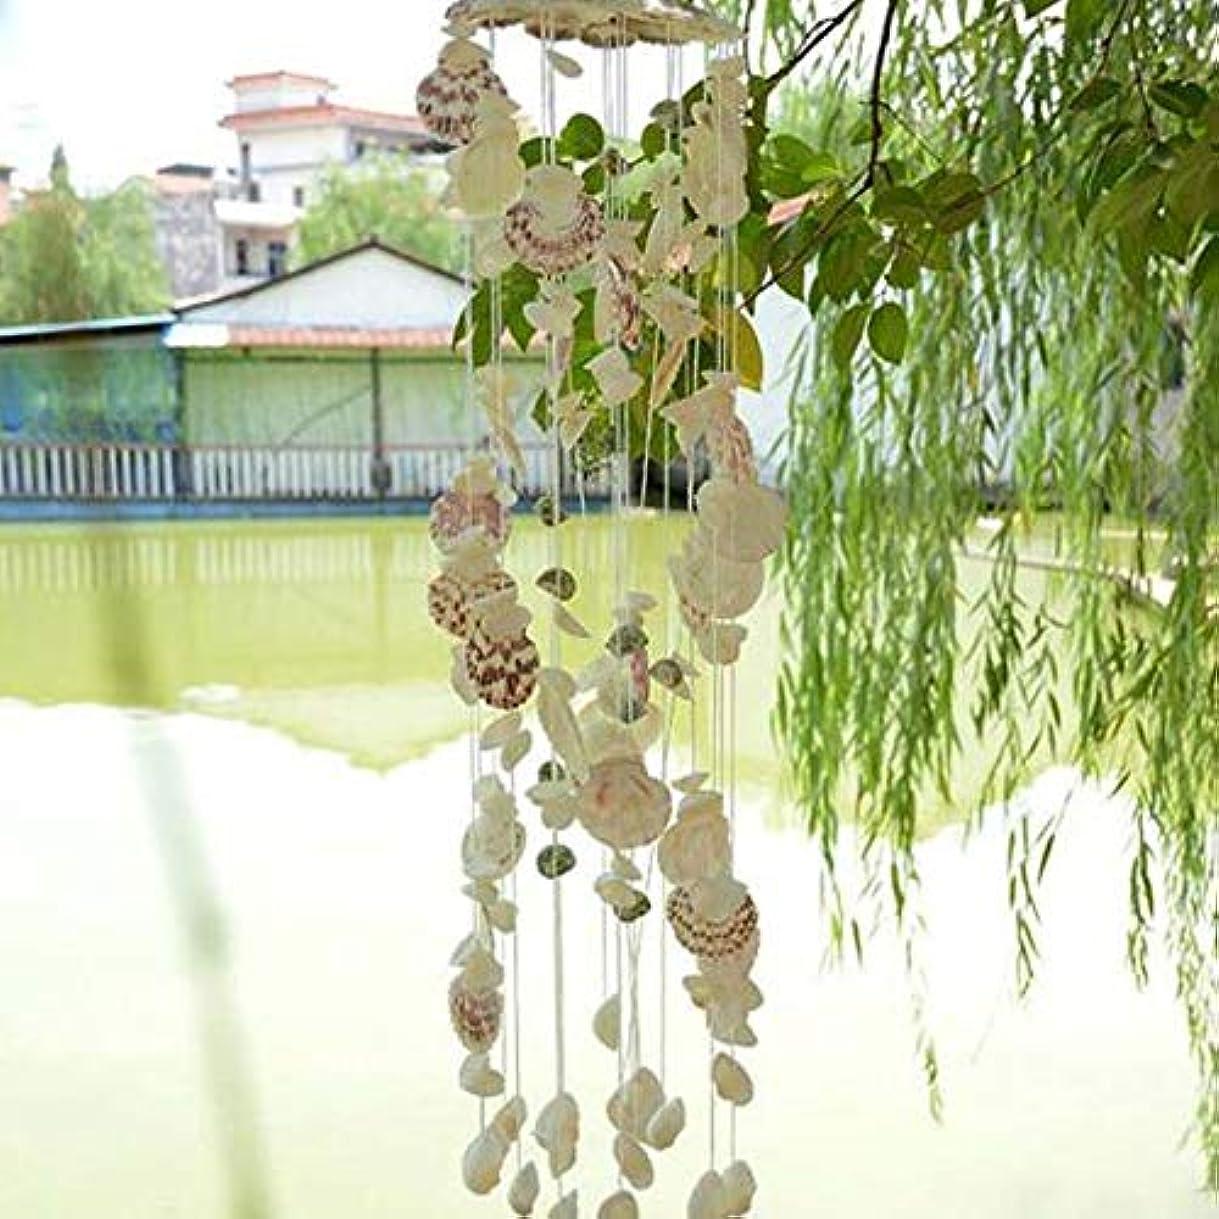 誰もお酒チャンスFengshangshanghang 風チャイム、かわいい手作りのクリエイティブシェル風の鐘、斑入り、全長約95CM,家の装飾 (Color : White)